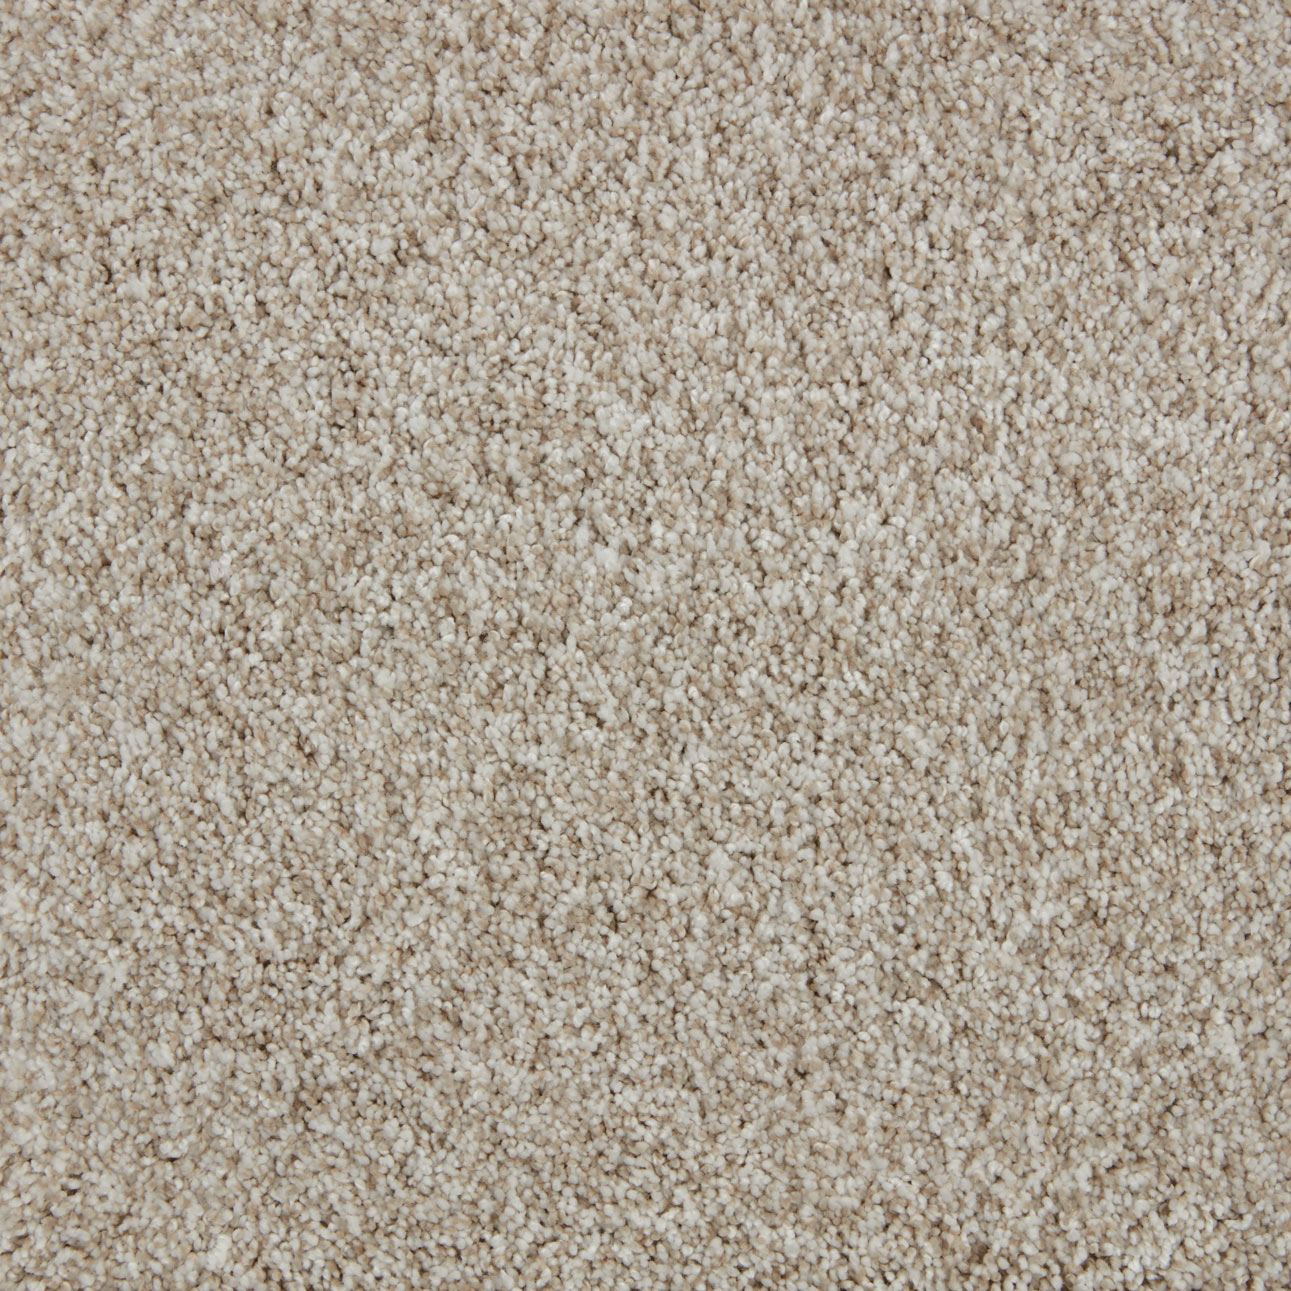 Impress Plush Carpet Enliven Color